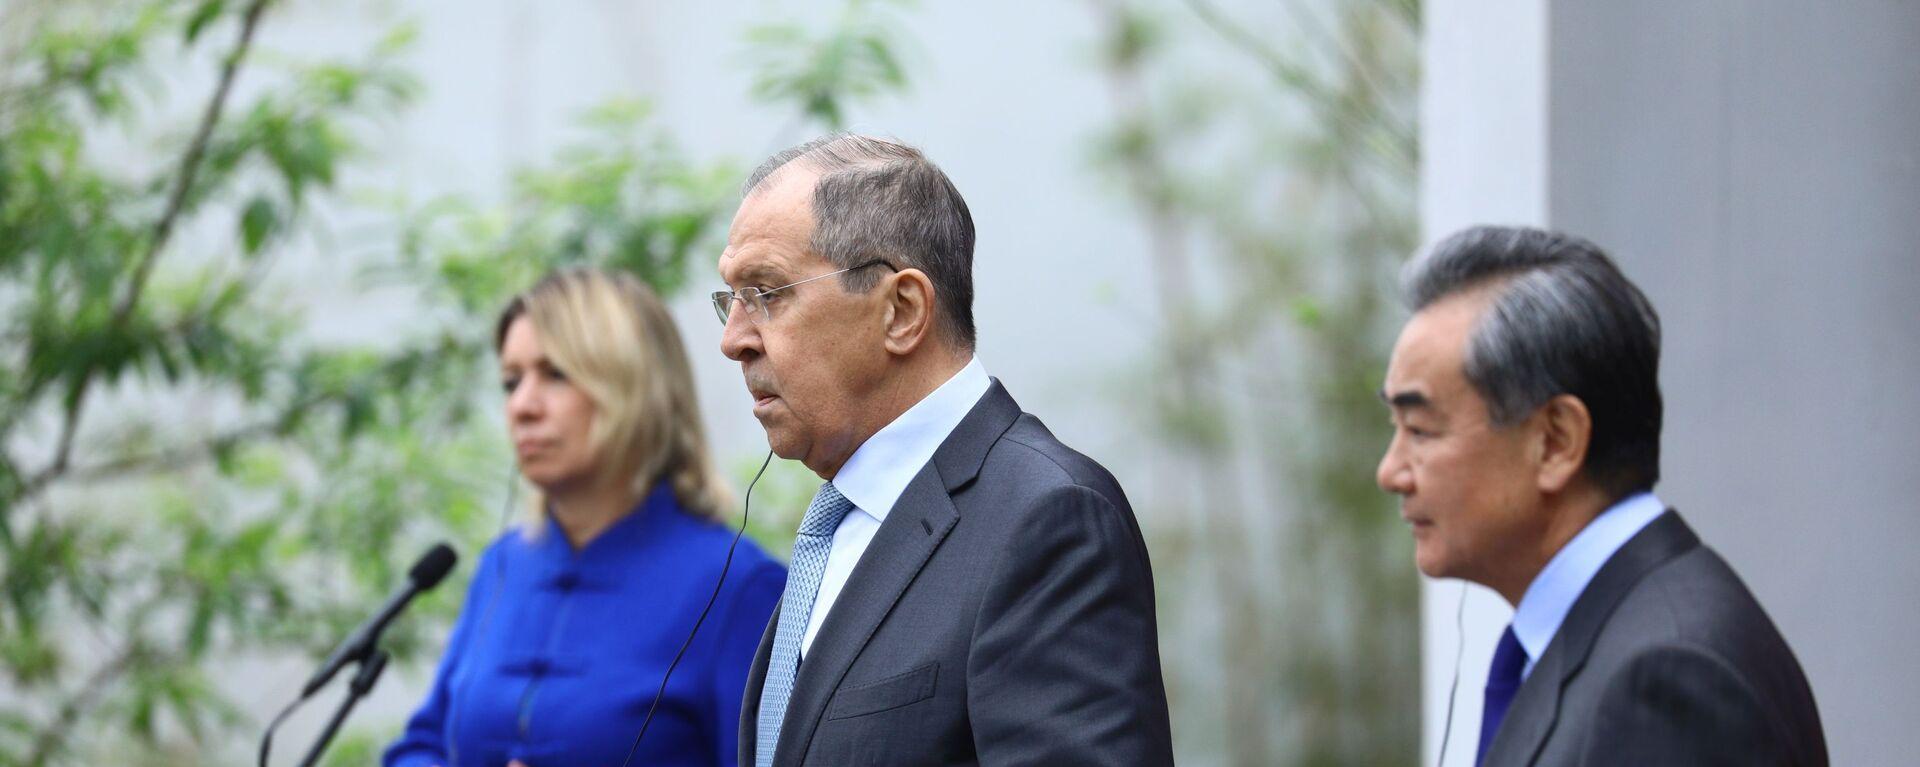 Chuyến thăm của Bộ trưởng Ngoại giao Nga S. Lavrov tới Trung Quốc - Sputnik Việt Nam, 1920, 25.03.2021